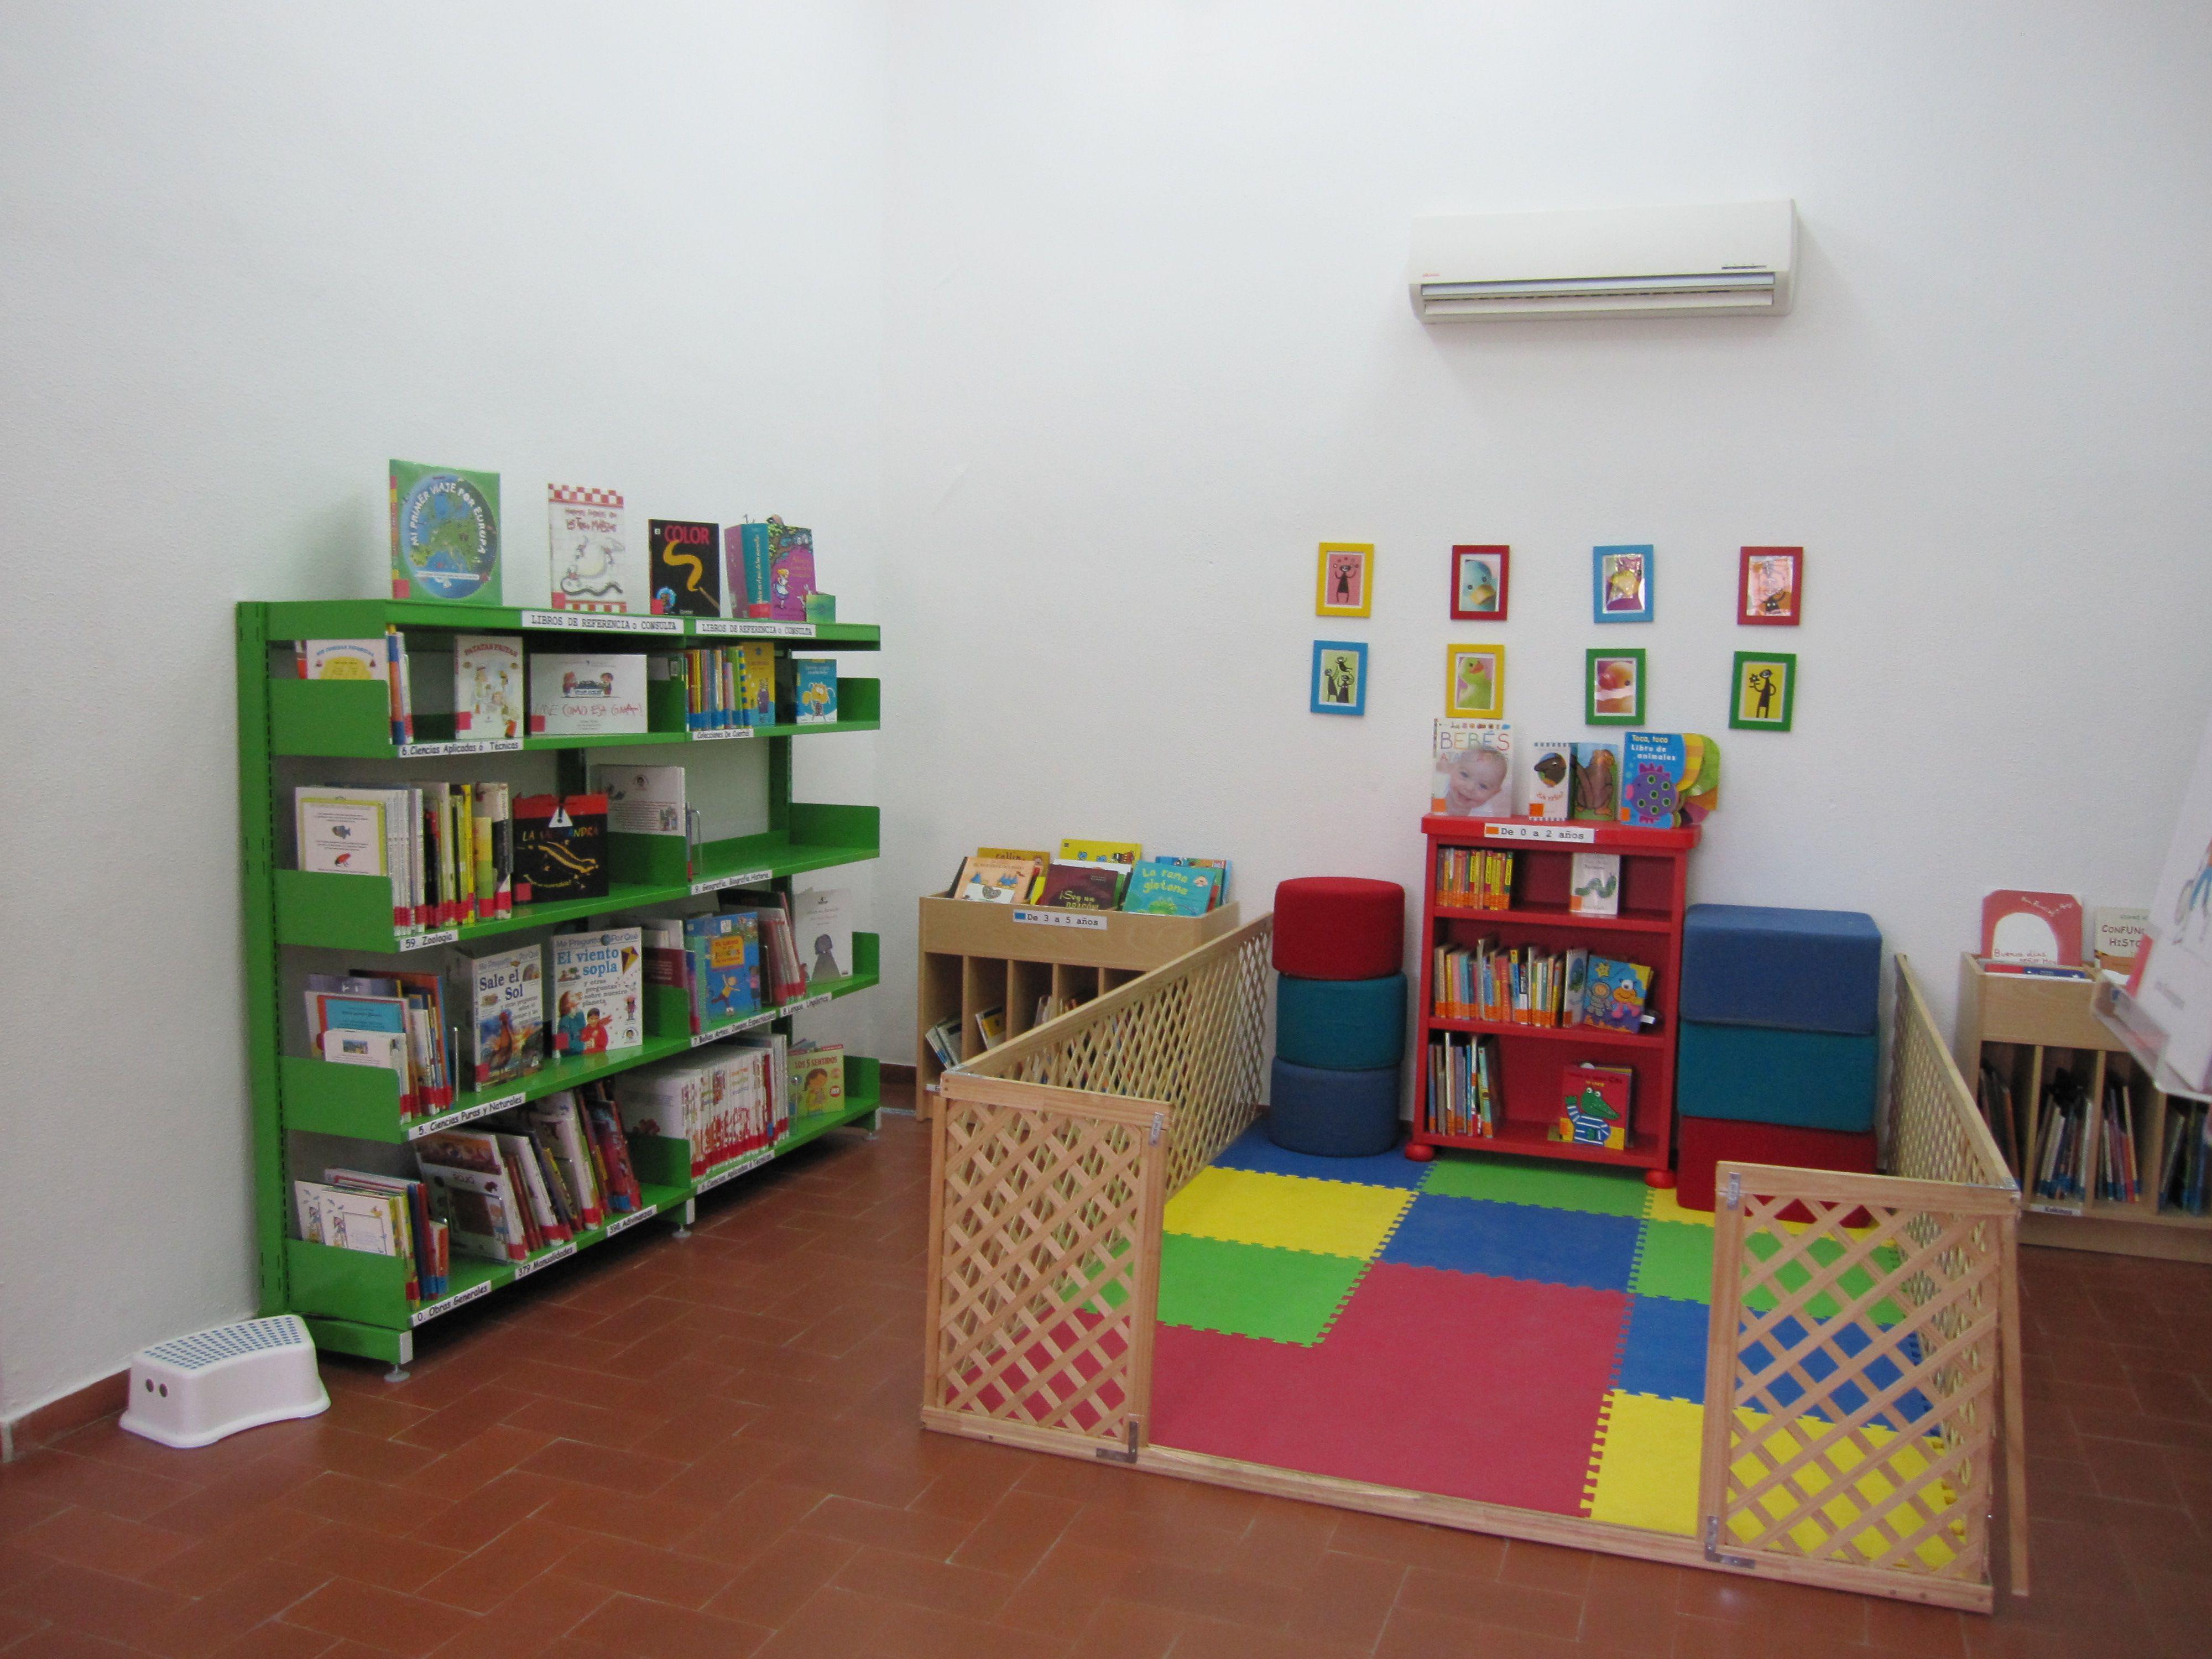 InfantilEscuela Lectura Sala Sala De LecturaY 76gybf